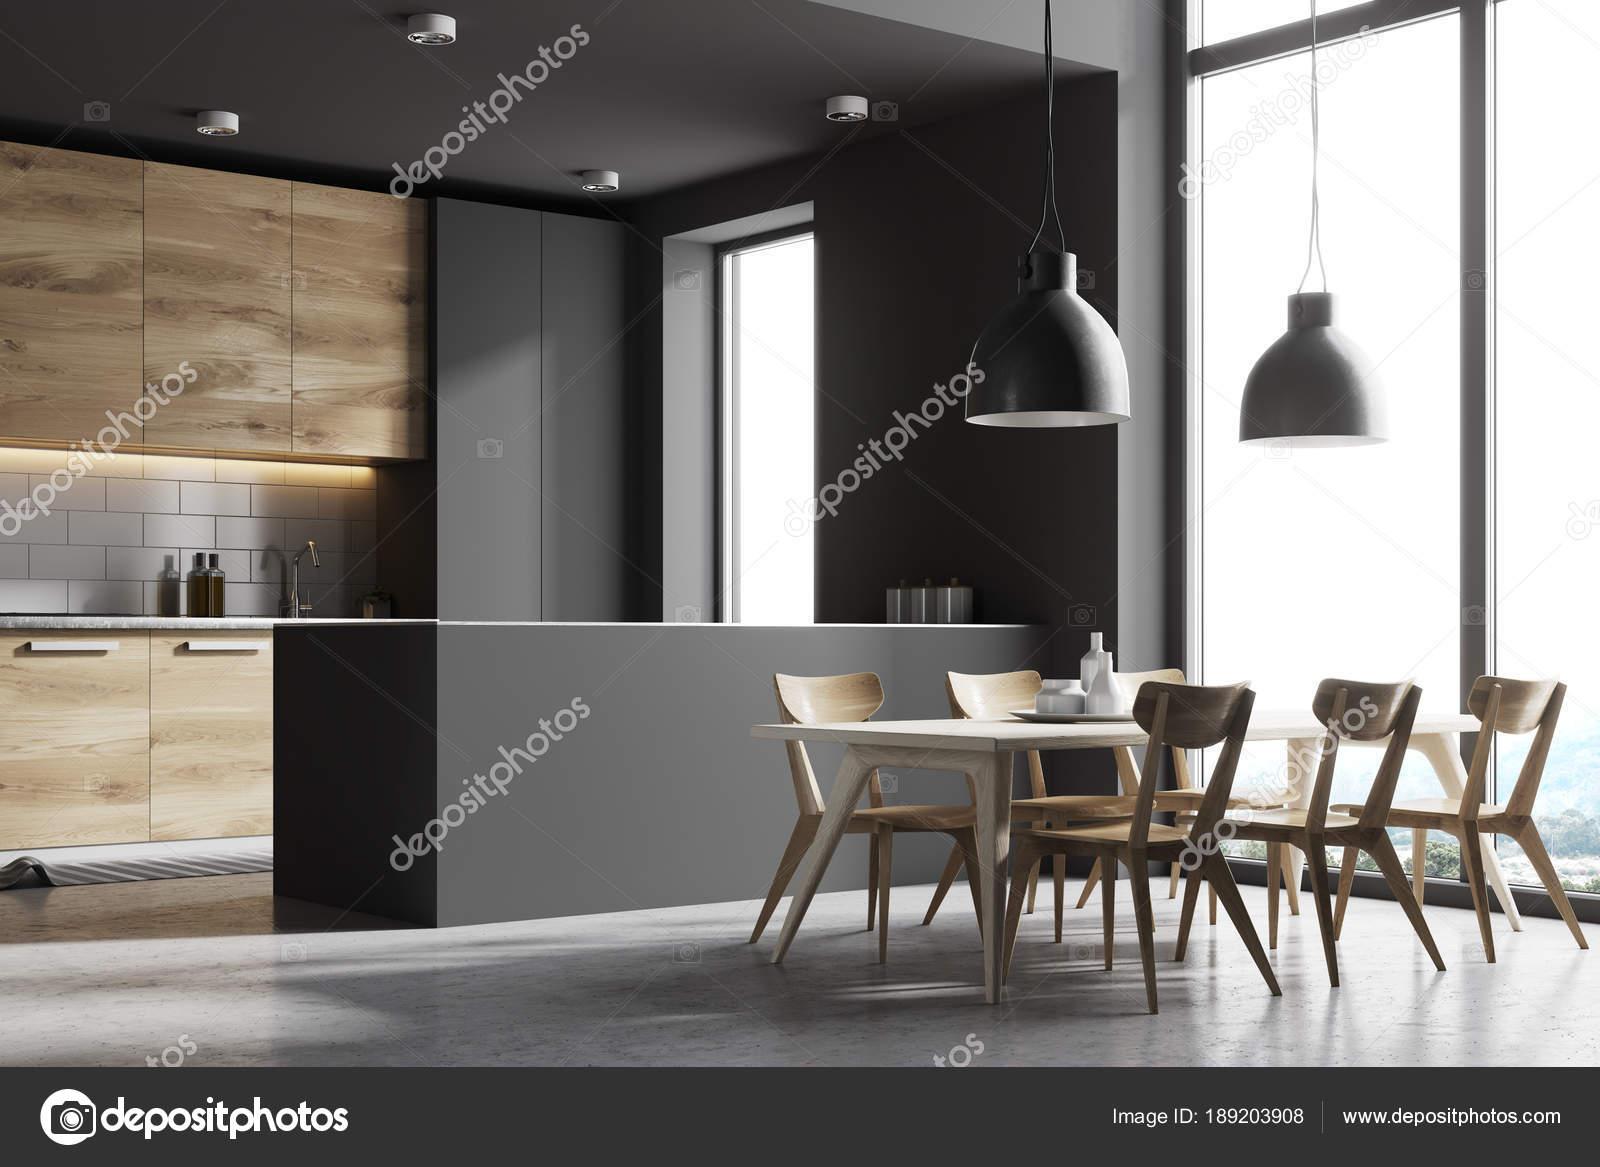 Grau Und Holz Kuche Mit Einem Tisch Seitenansicht Stockfoto